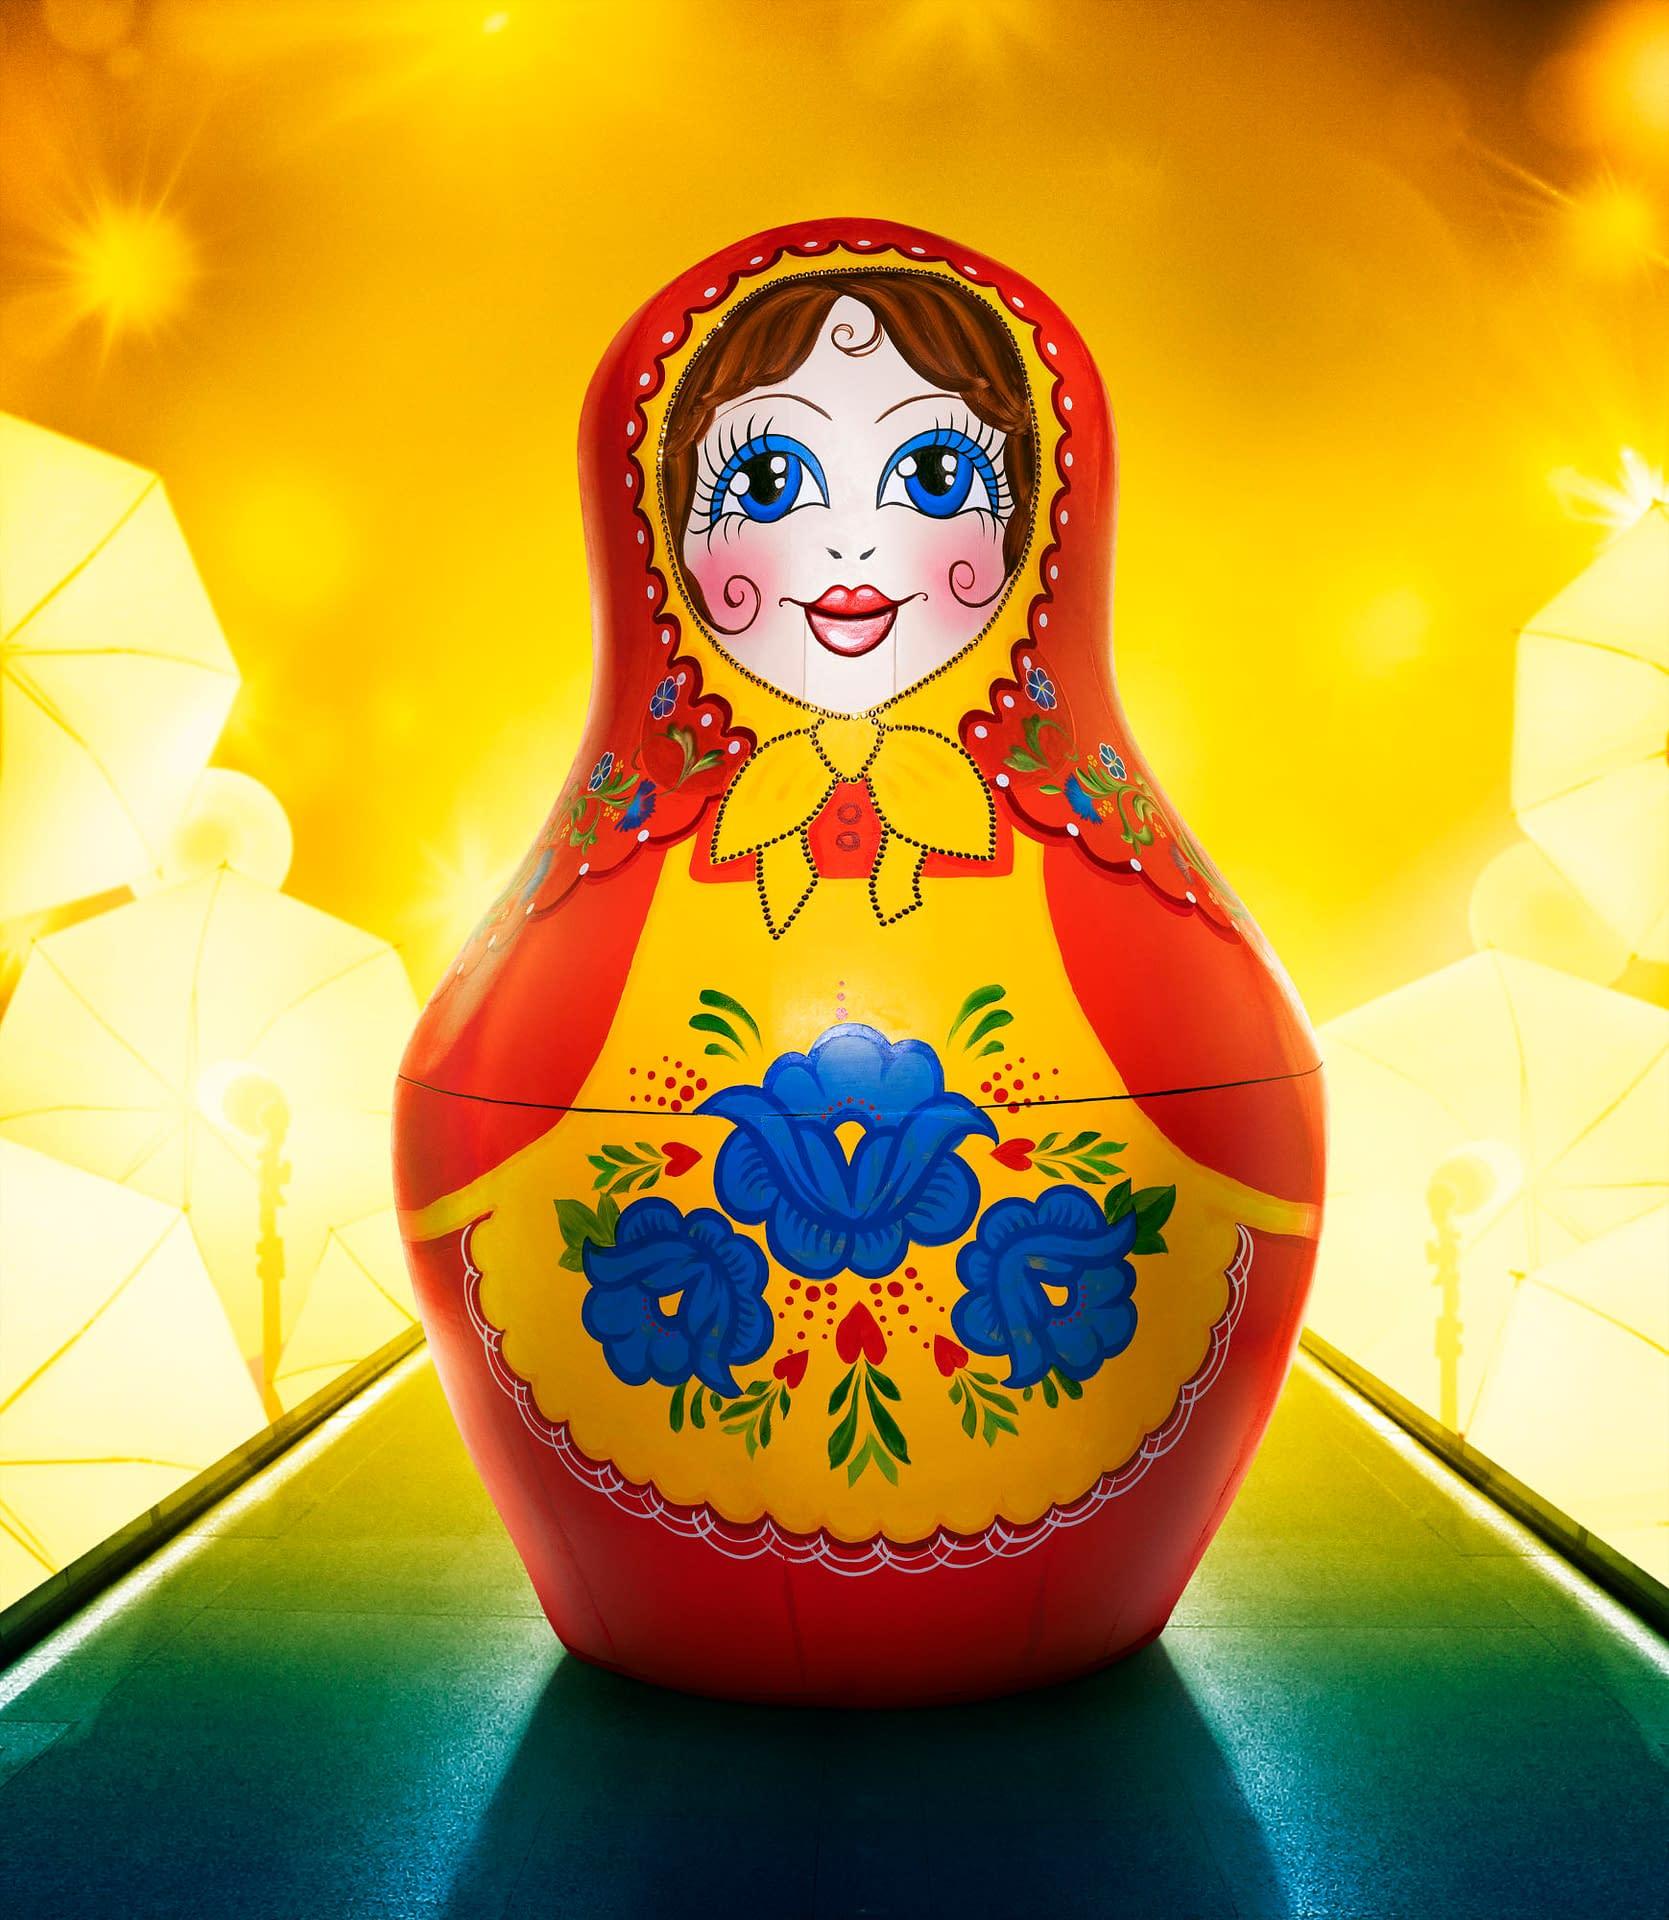 MS-S5_BACKDROP_RUSSIAN_DOLL_V3.jpg&f=1&nofb=1